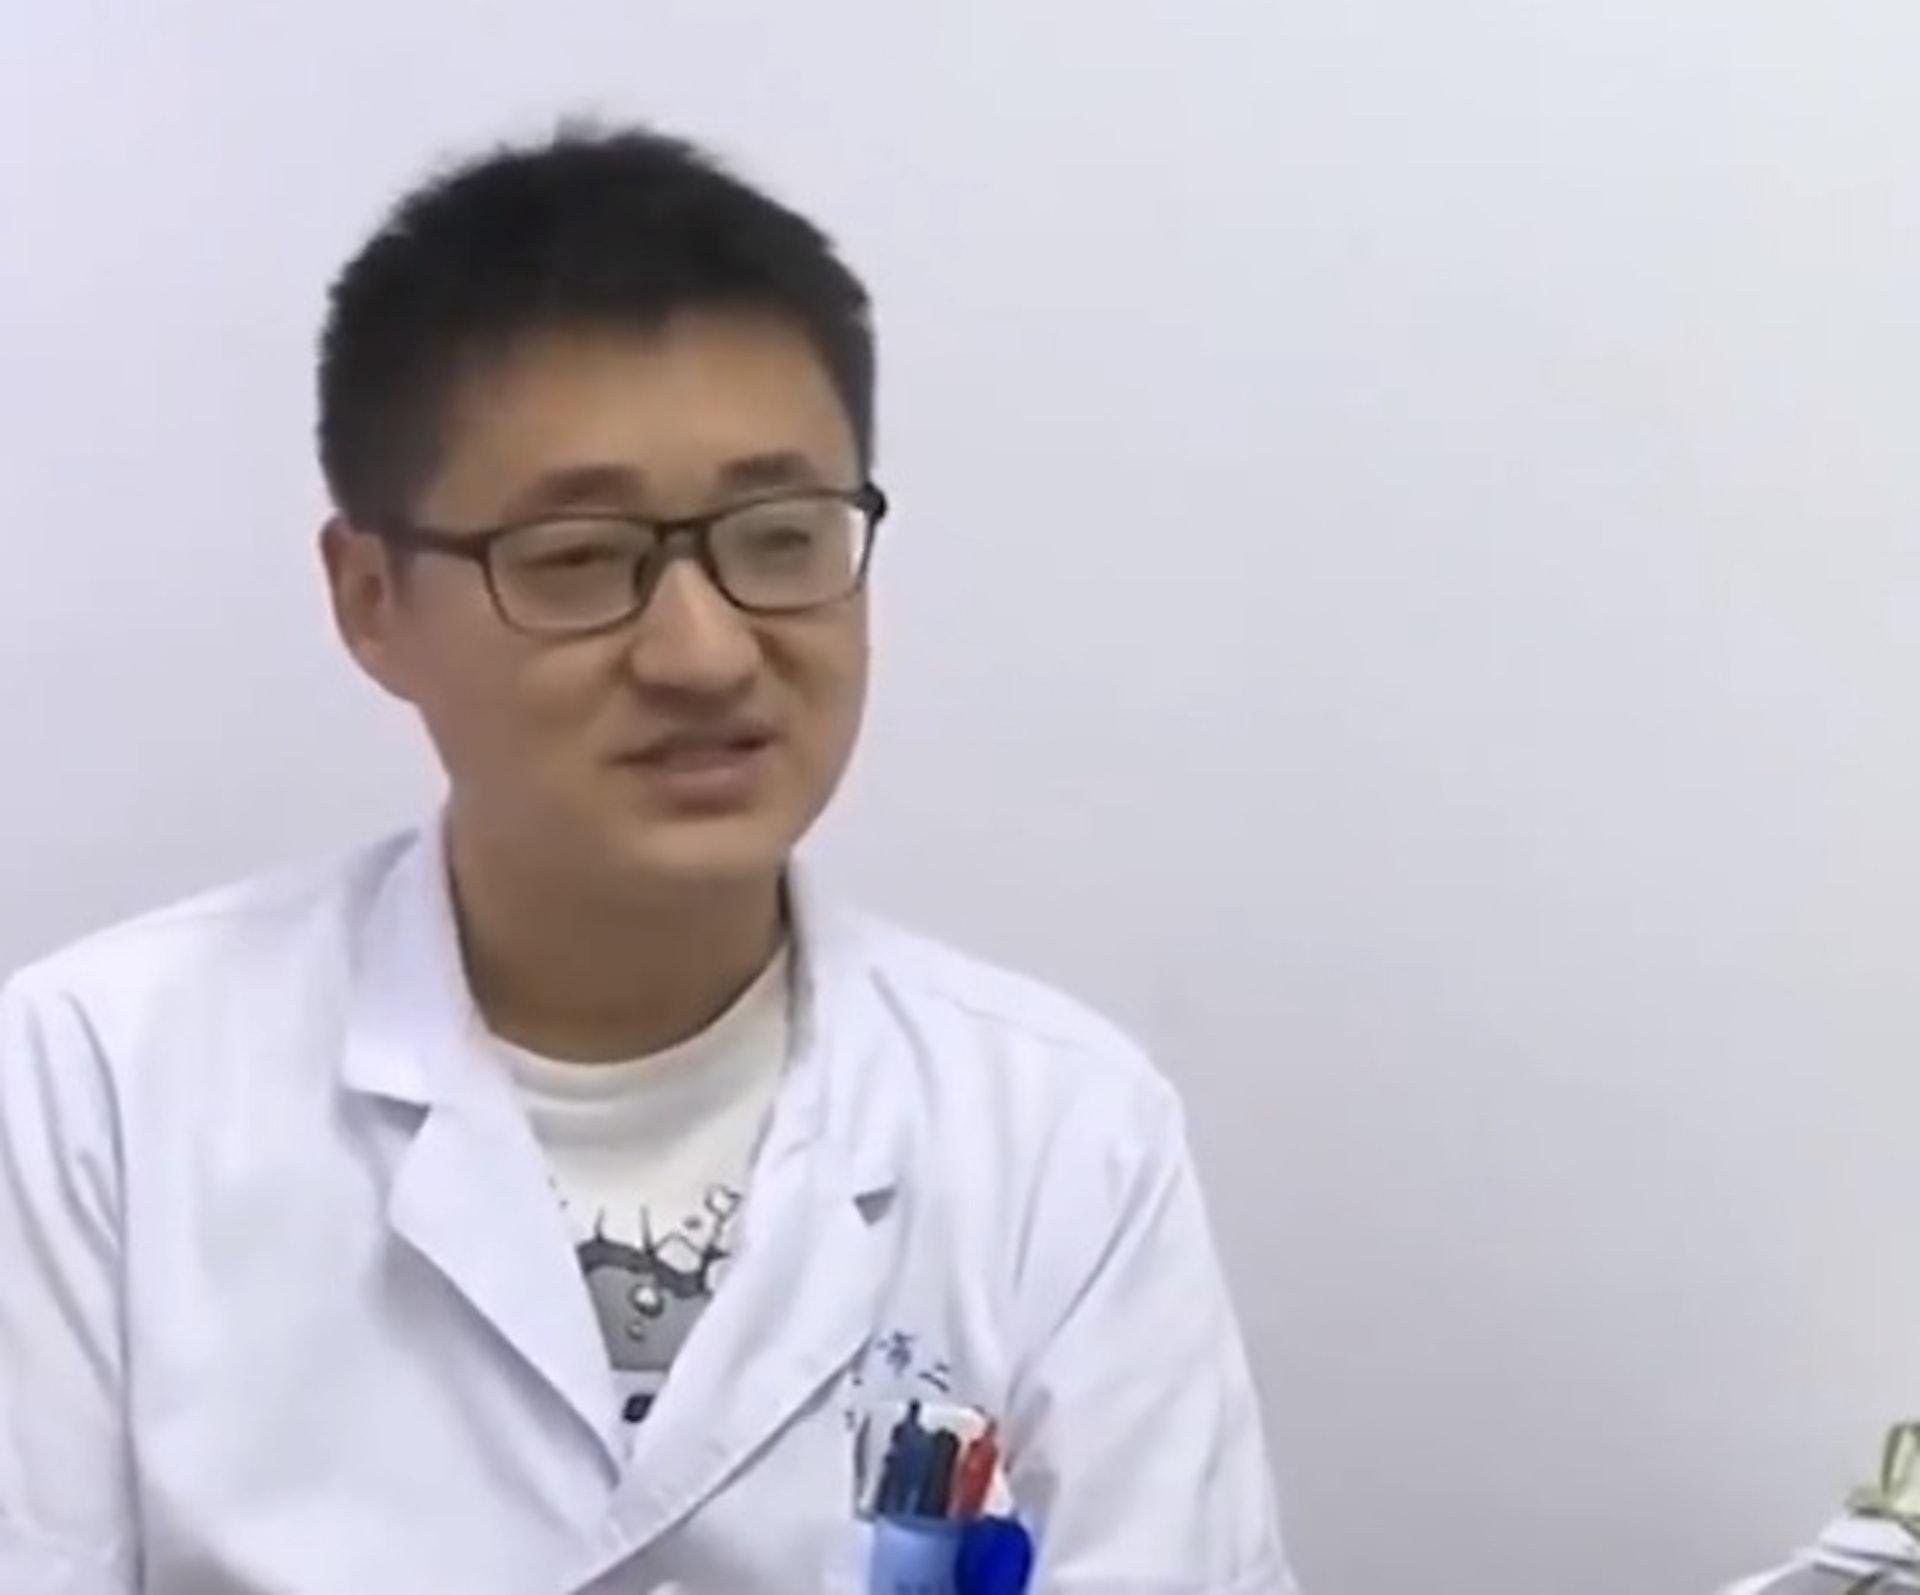 骨科主診醫生王磊表示,因為外固定支架的釘道受嚴重感染,引起骨髓炎,男事主很可能會終身殘廢。(微博影片截圖)